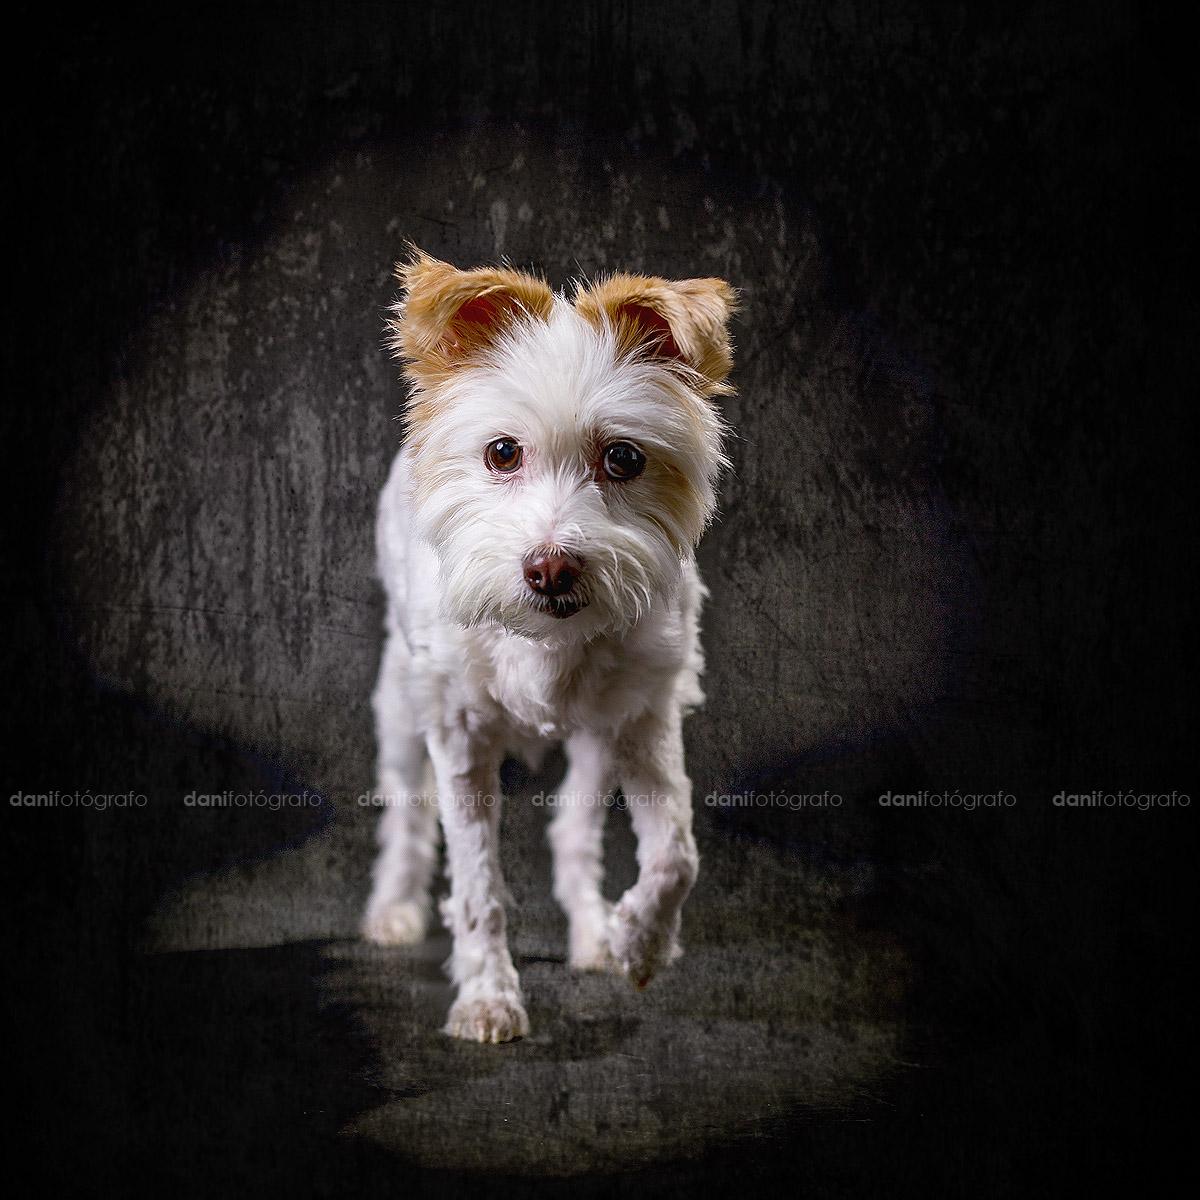 Foto mascota perro gijon Asturias Fotografo